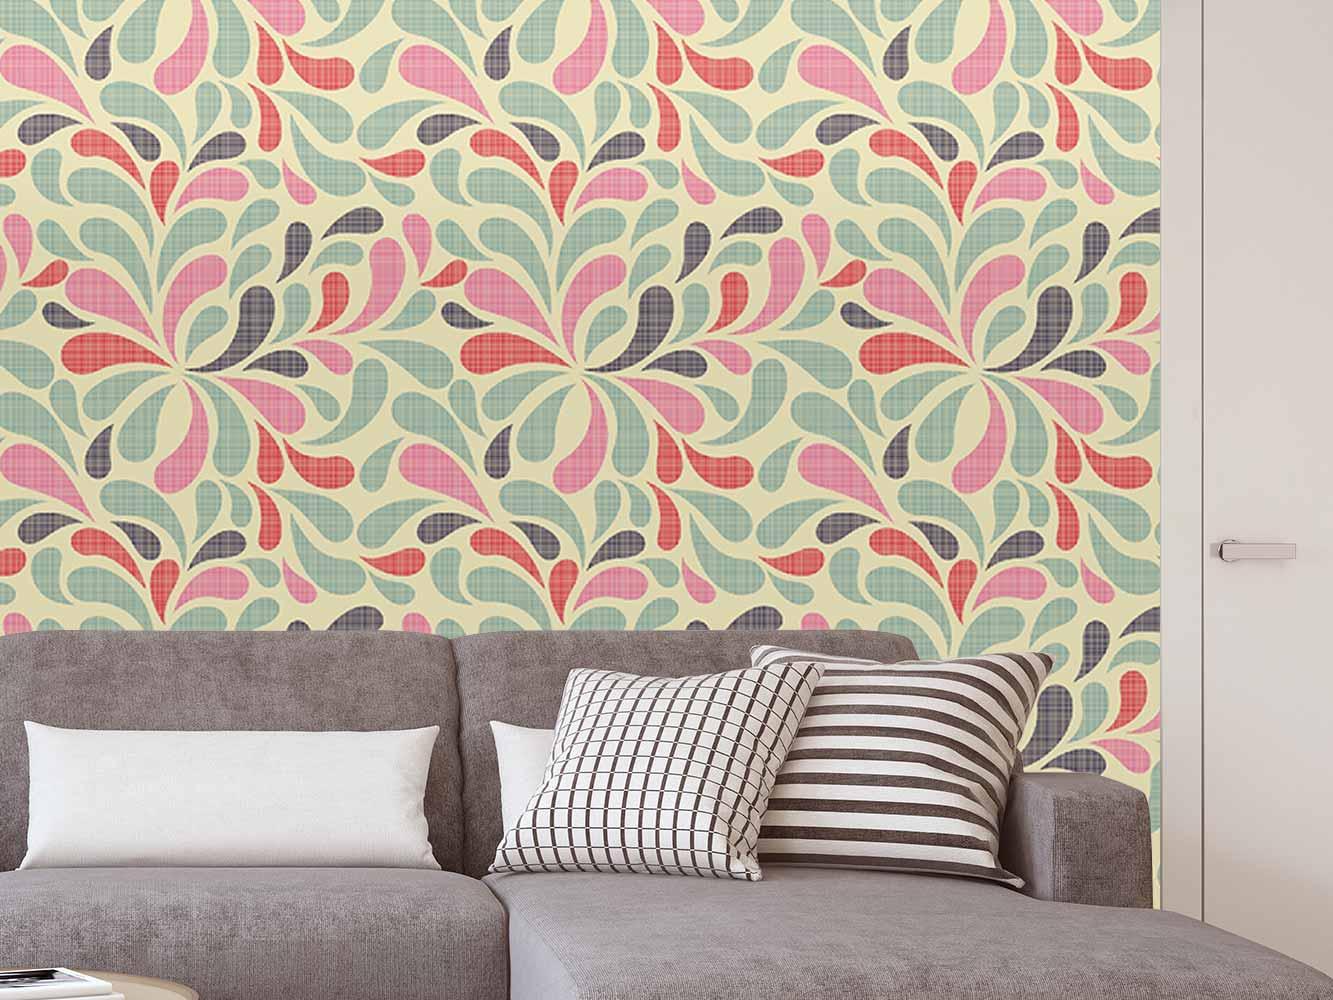 Fotomural Papel Pintado Arte Floral Abstracto | Carteles XXL - Impresión carteleria publicitaria